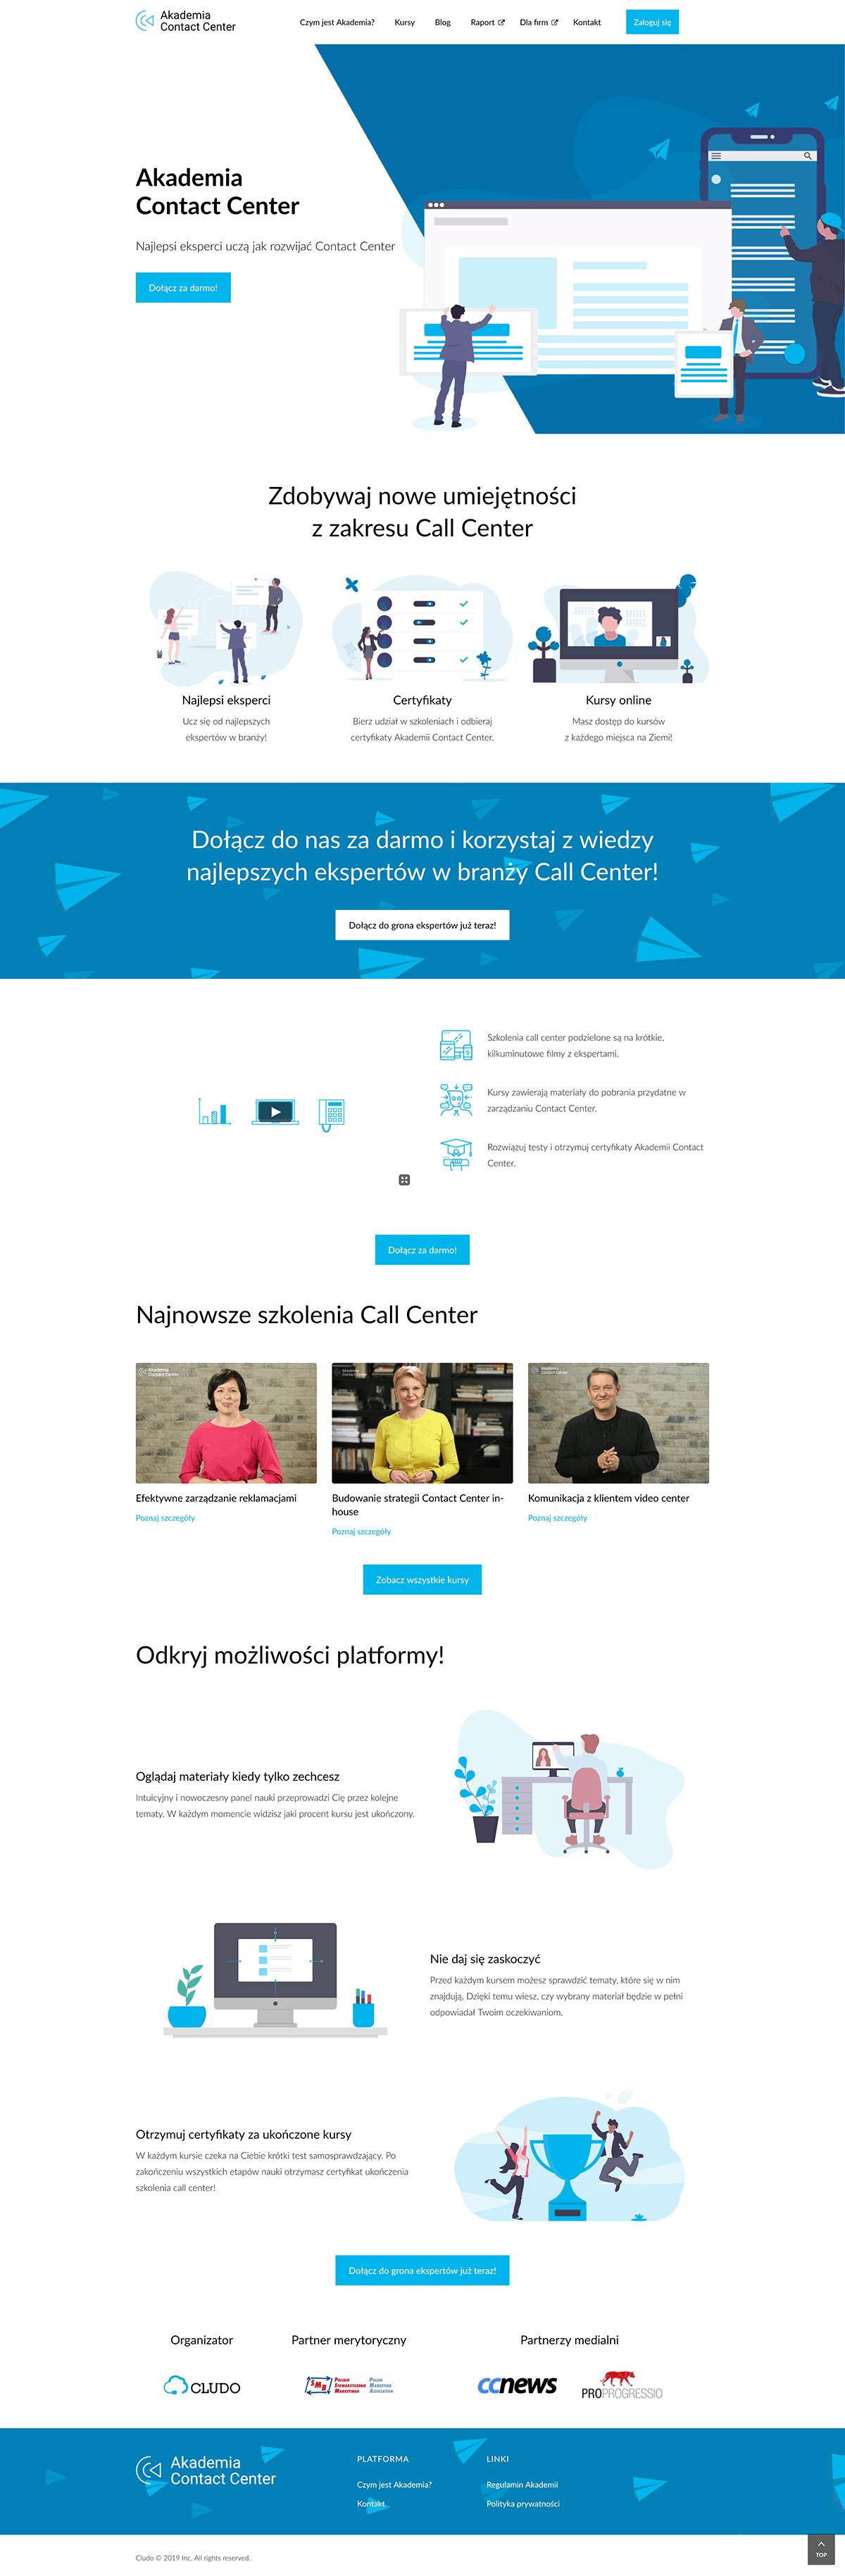 realizacja Prosta Linia - akademiacc.pl